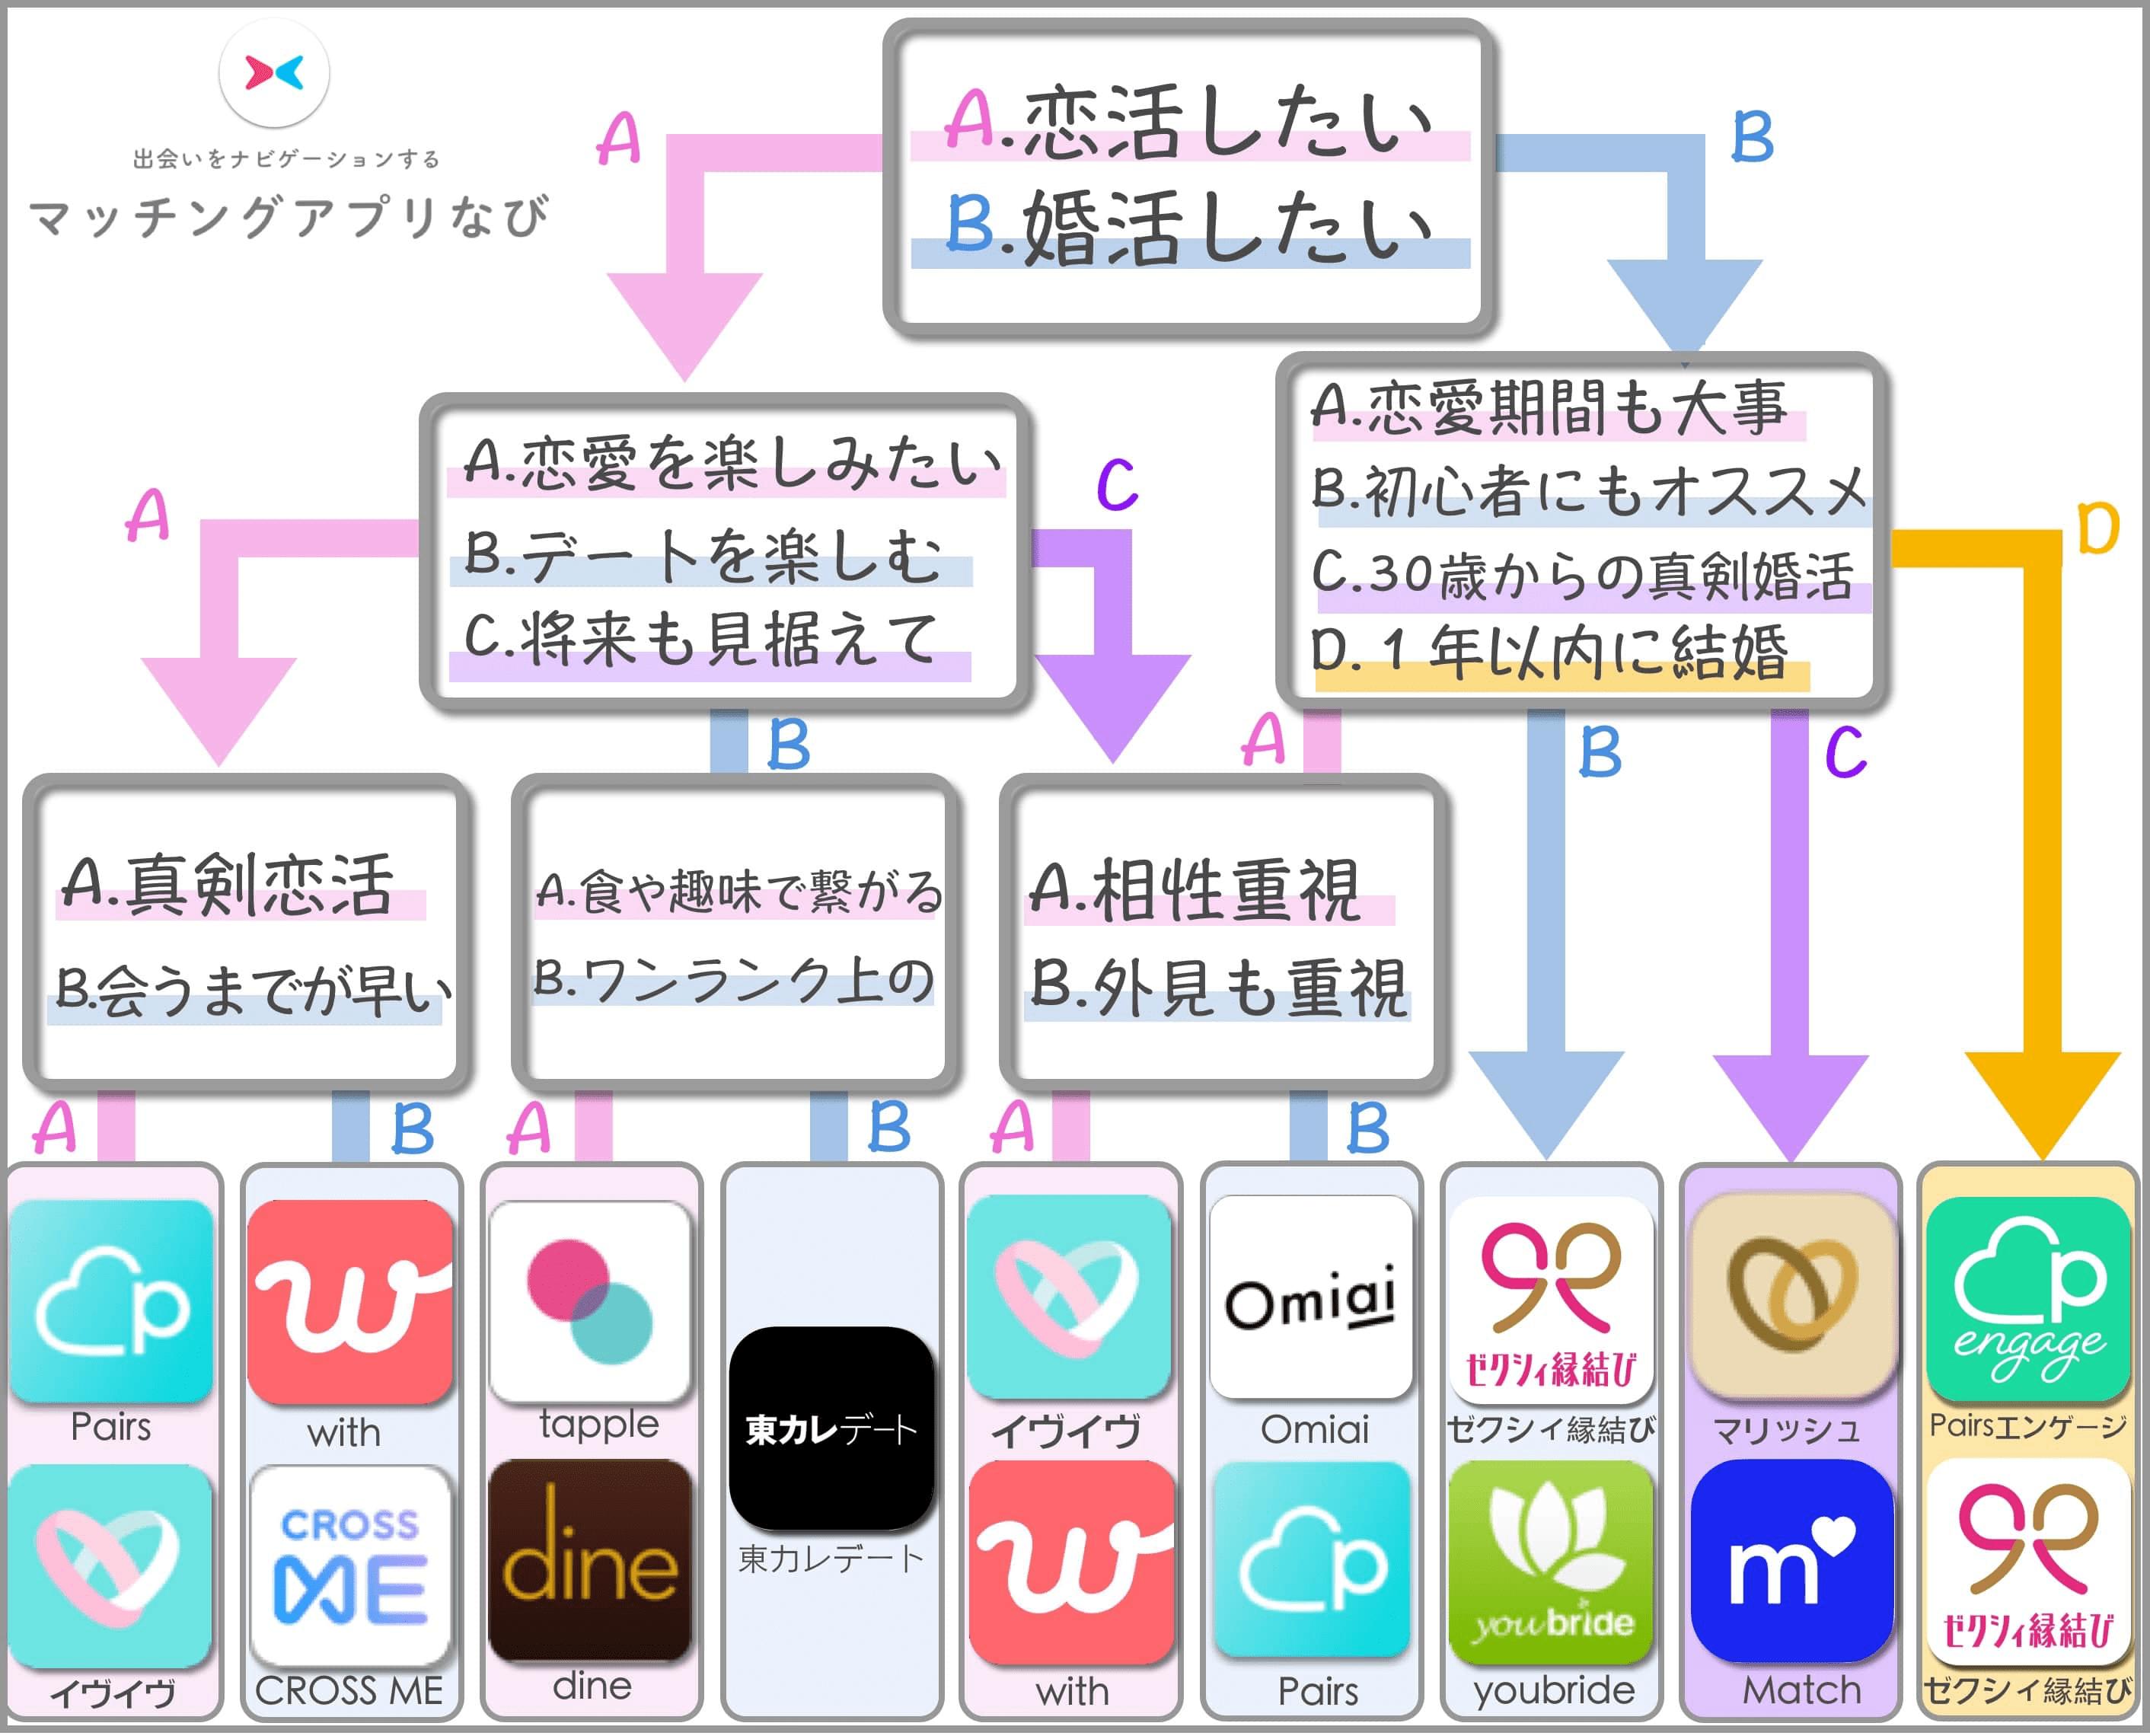 マッチングアプリ フローチャート